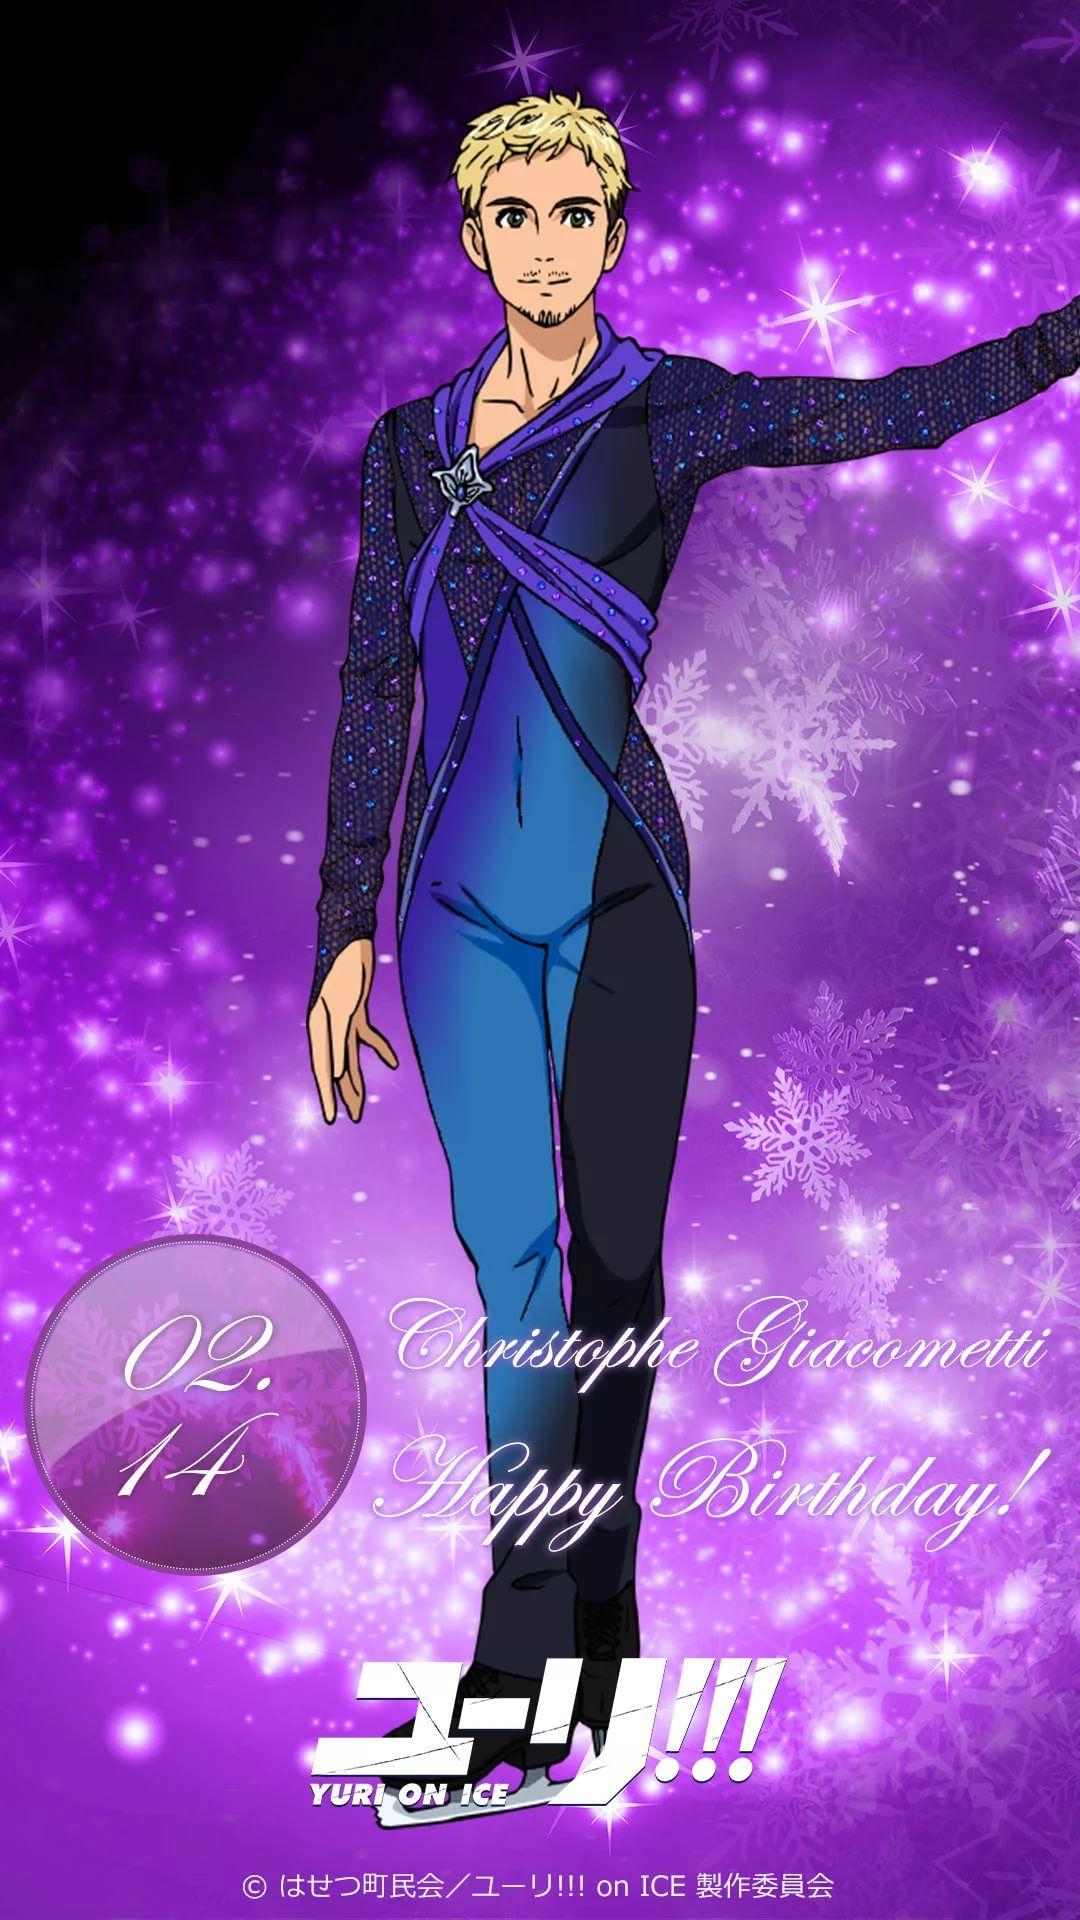 Yuri On Ice phone background